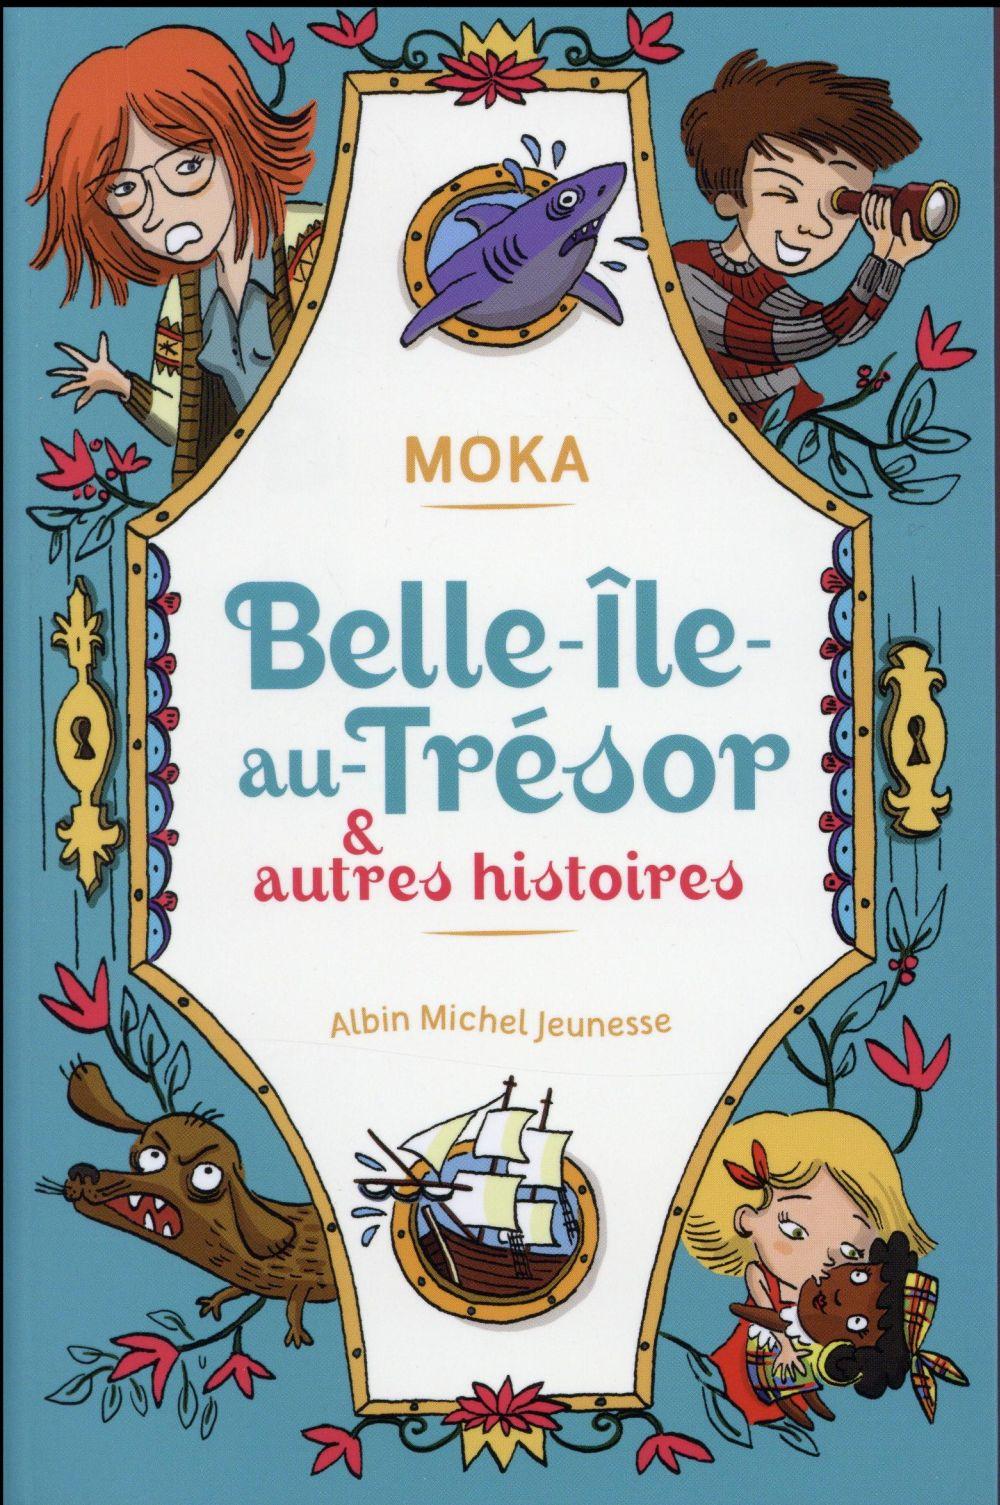 Belle-ile-au-tresor et autres histoires